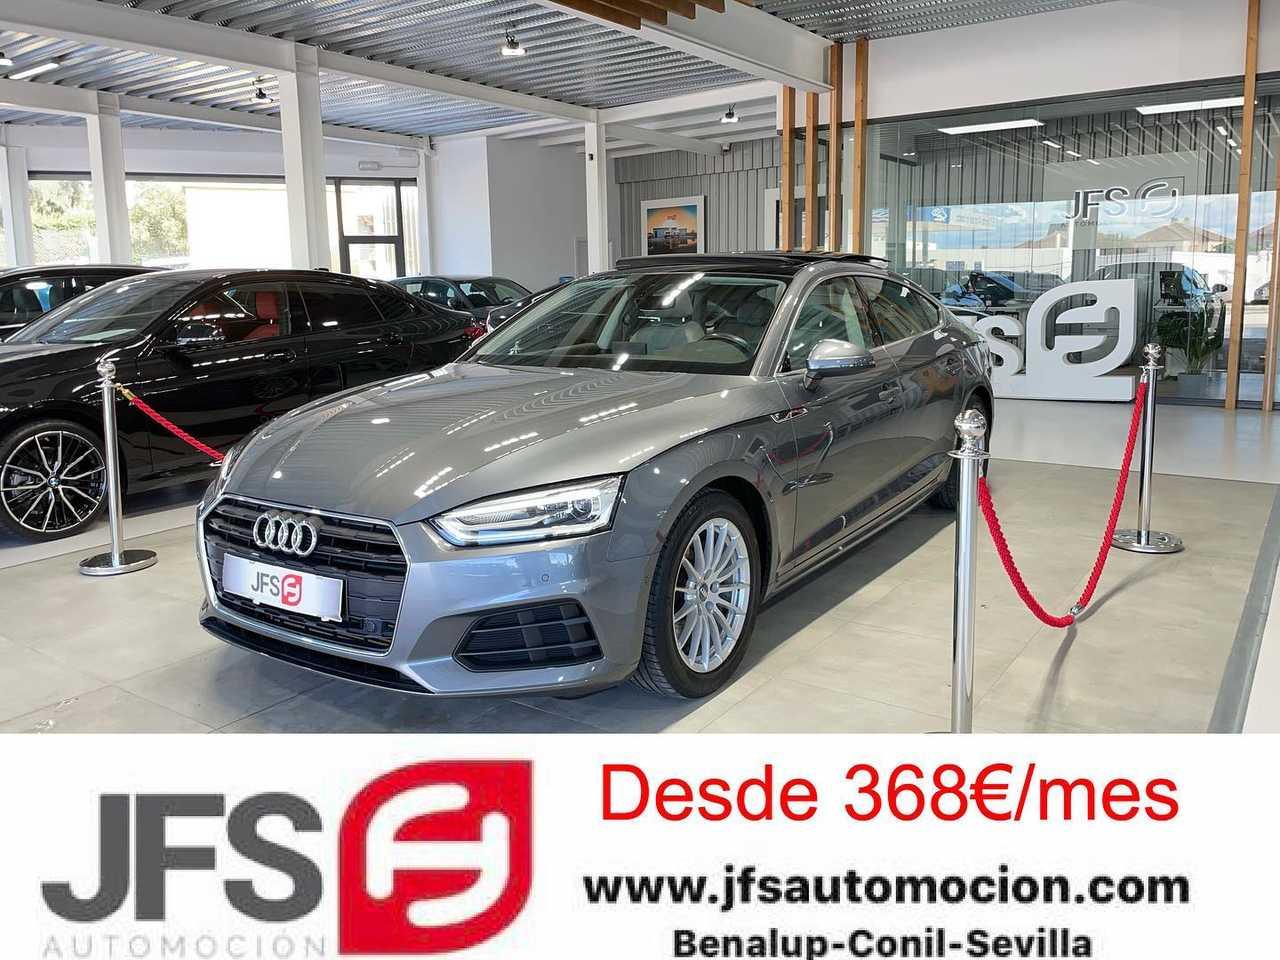 Audi A5 2.0 tfsi 190 cv   - Foto 1